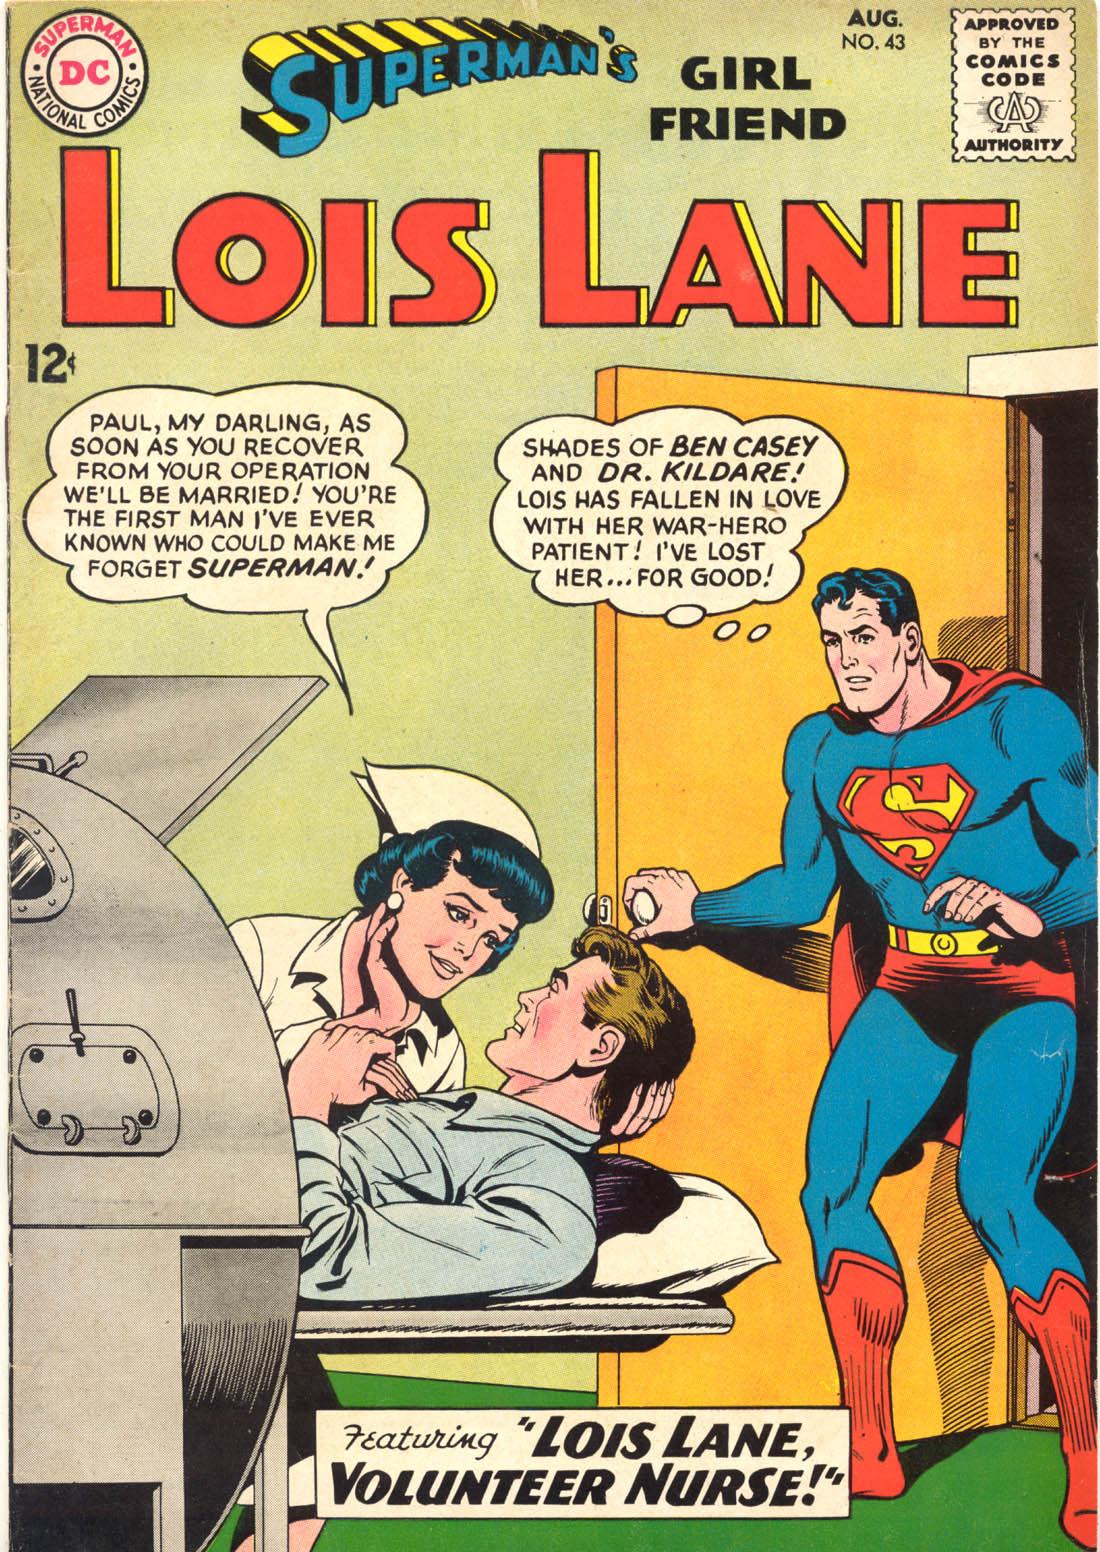 Supermans Girl Friend, Lois Lane 43 Page 1